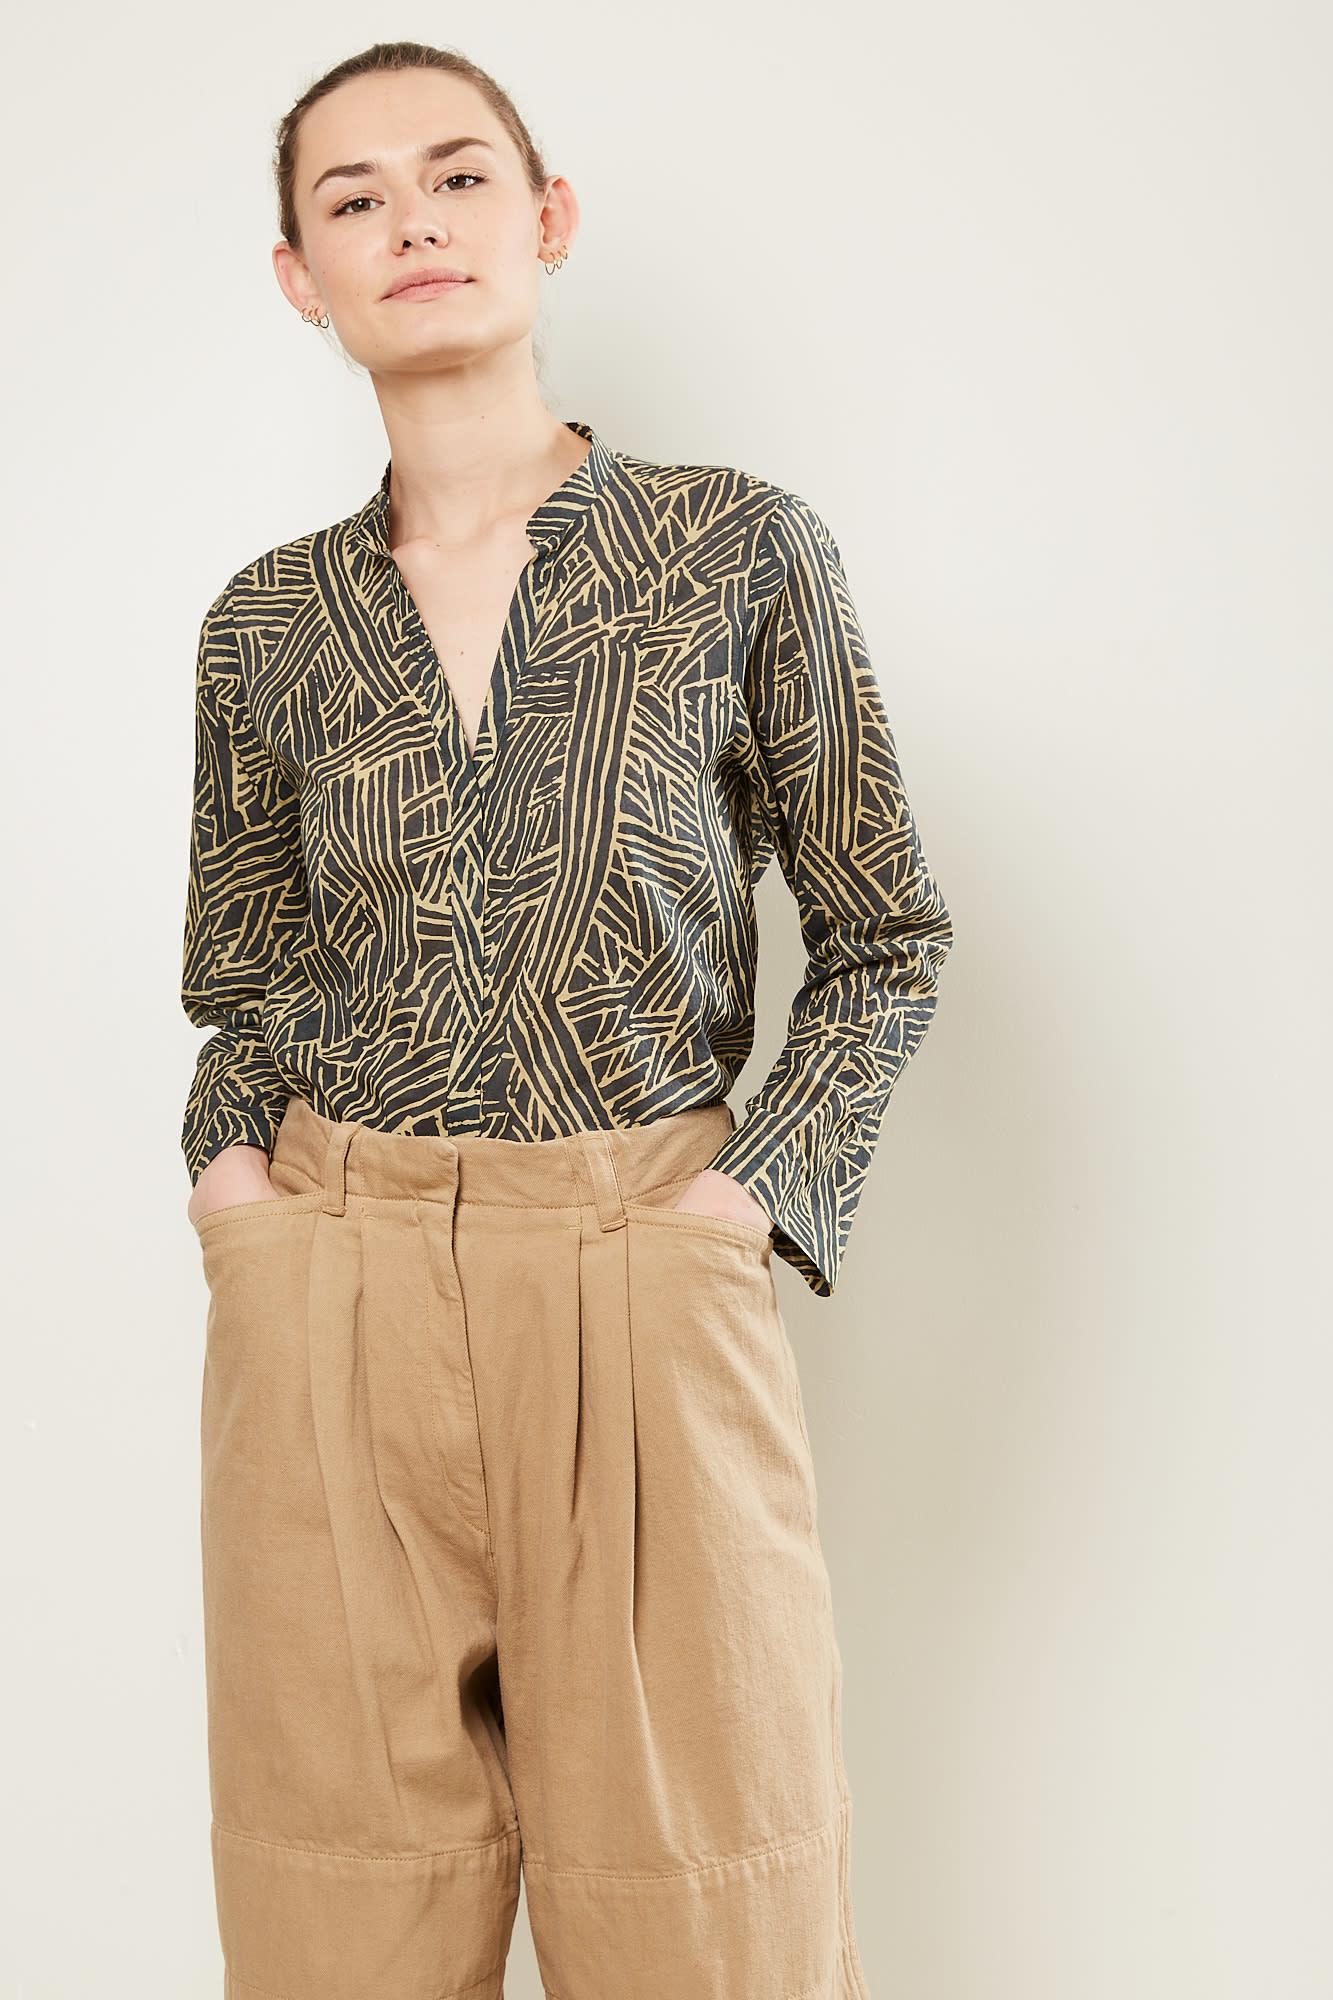 Diega - Caboa chemise 1 5668